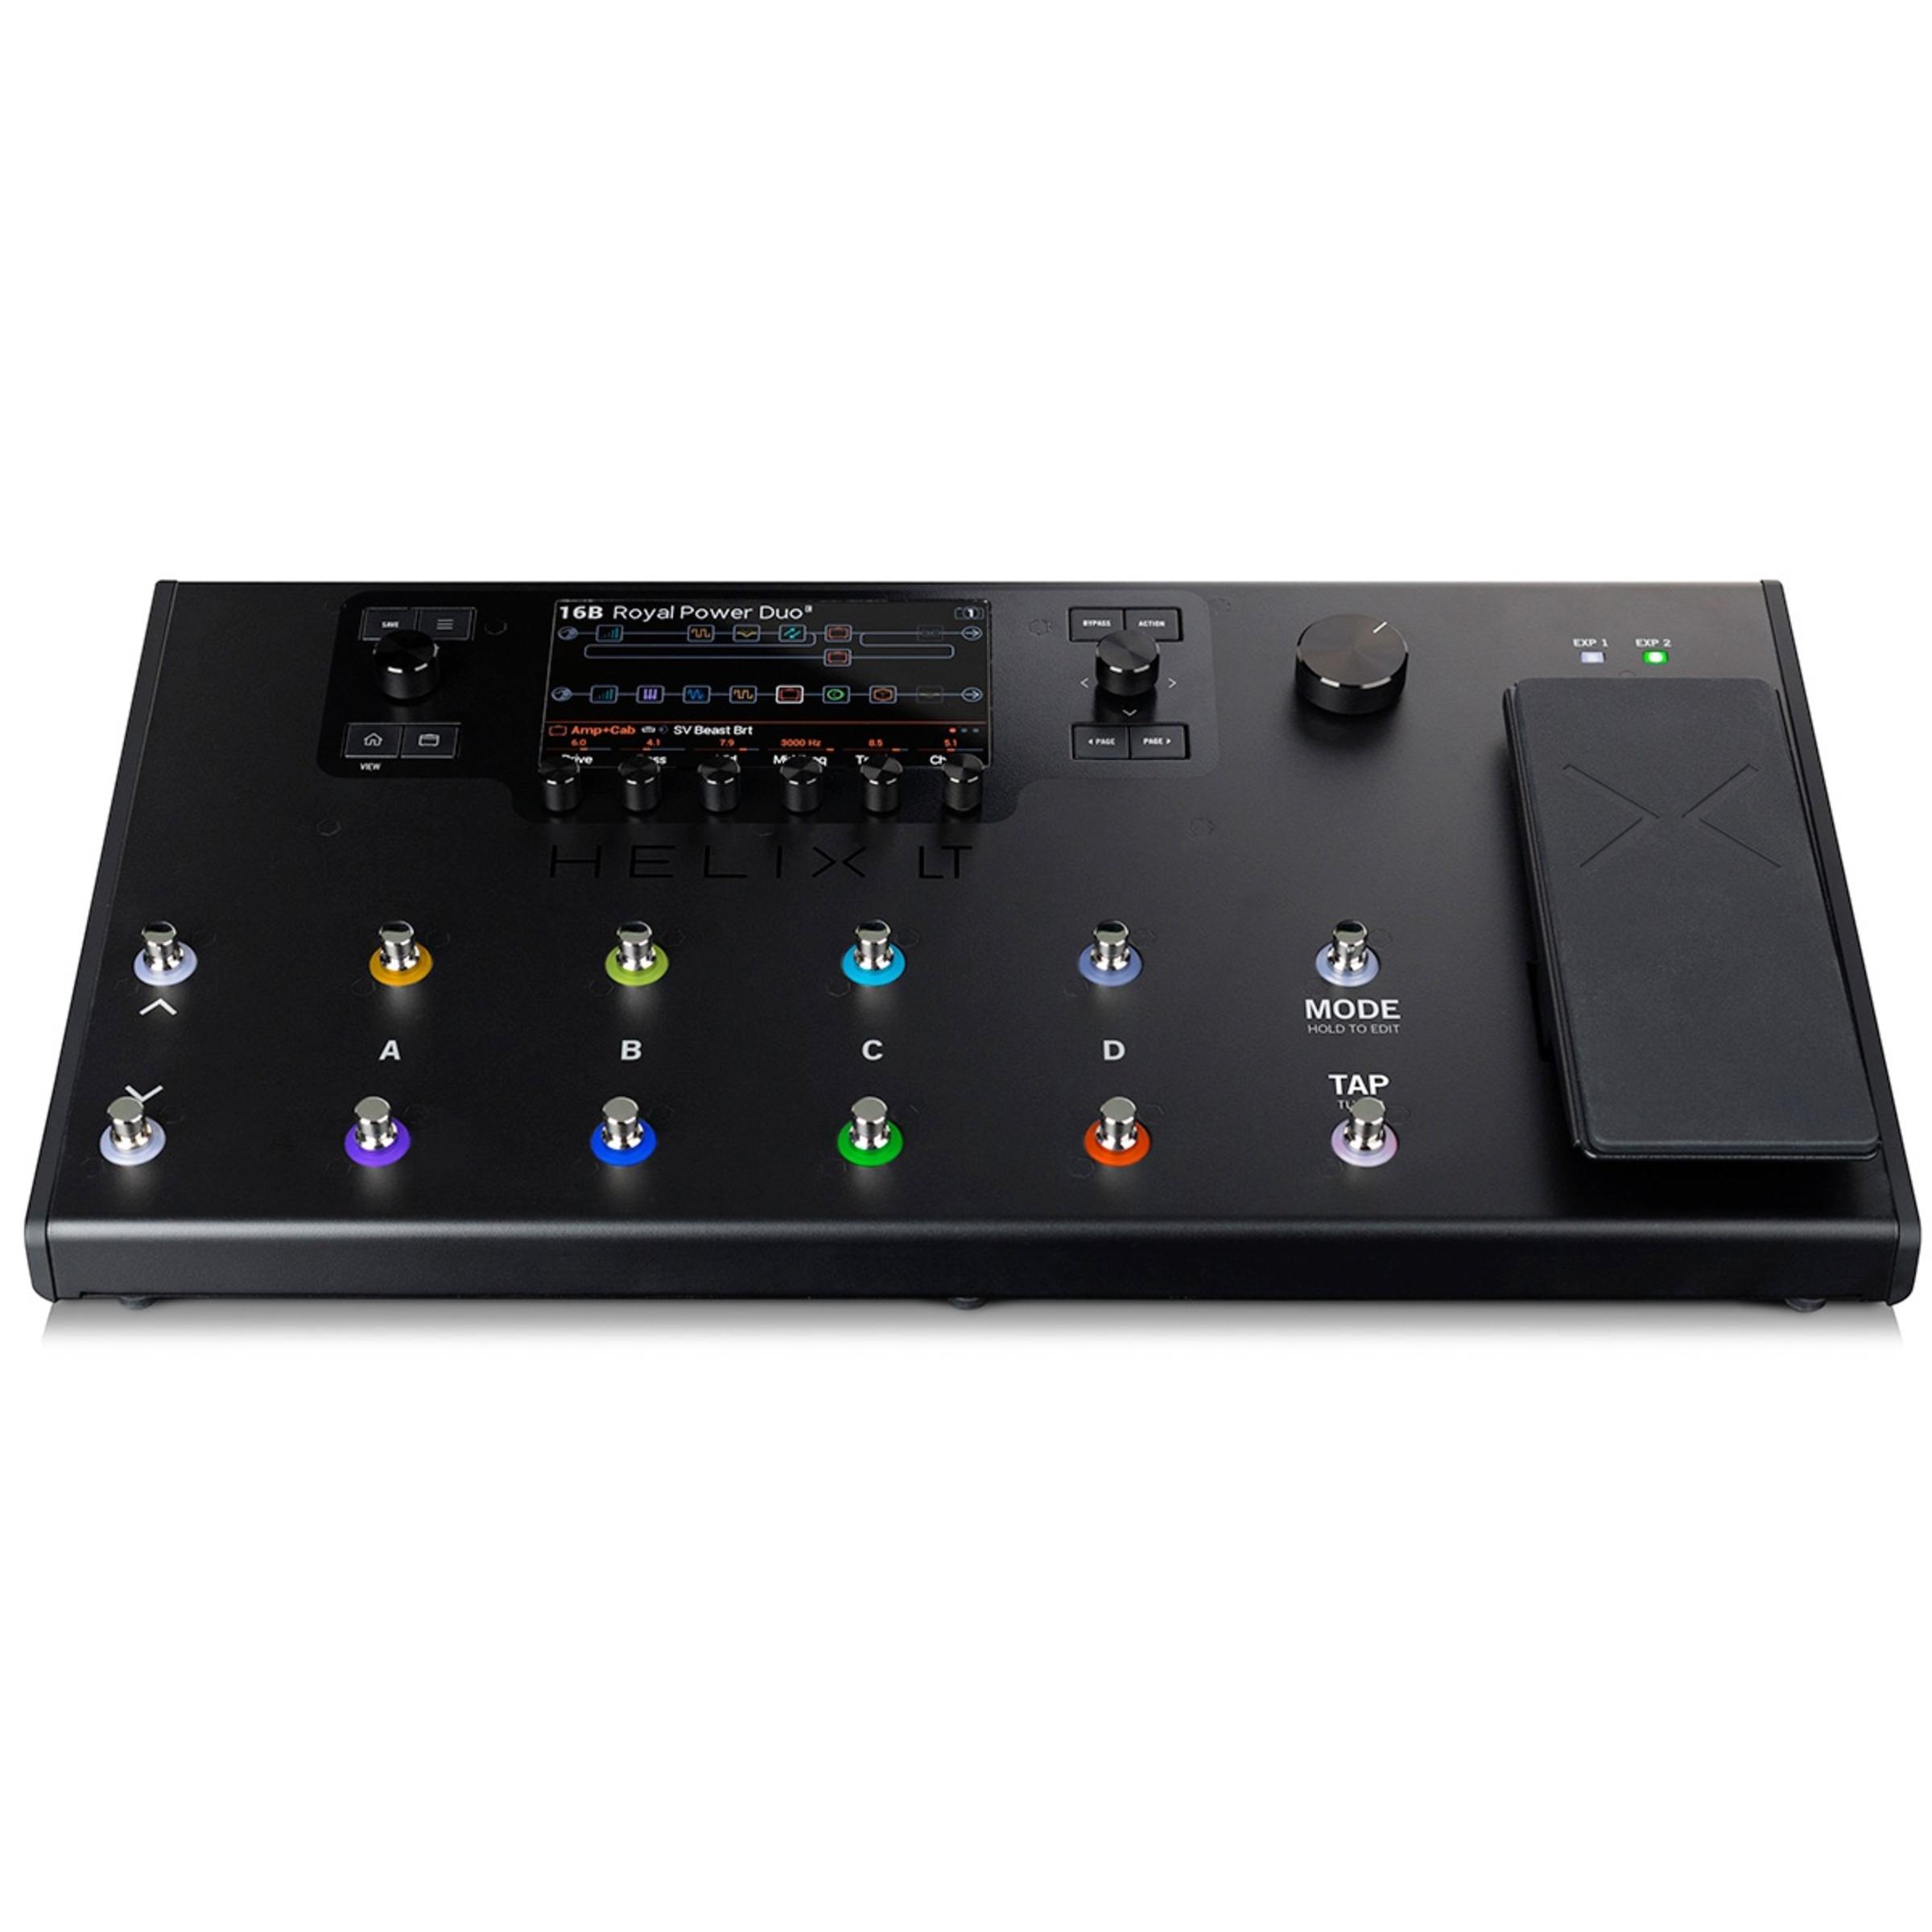 line 6 helix lt floor guitar effects pedal giggear. Black Bedroom Furniture Sets. Home Design Ideas